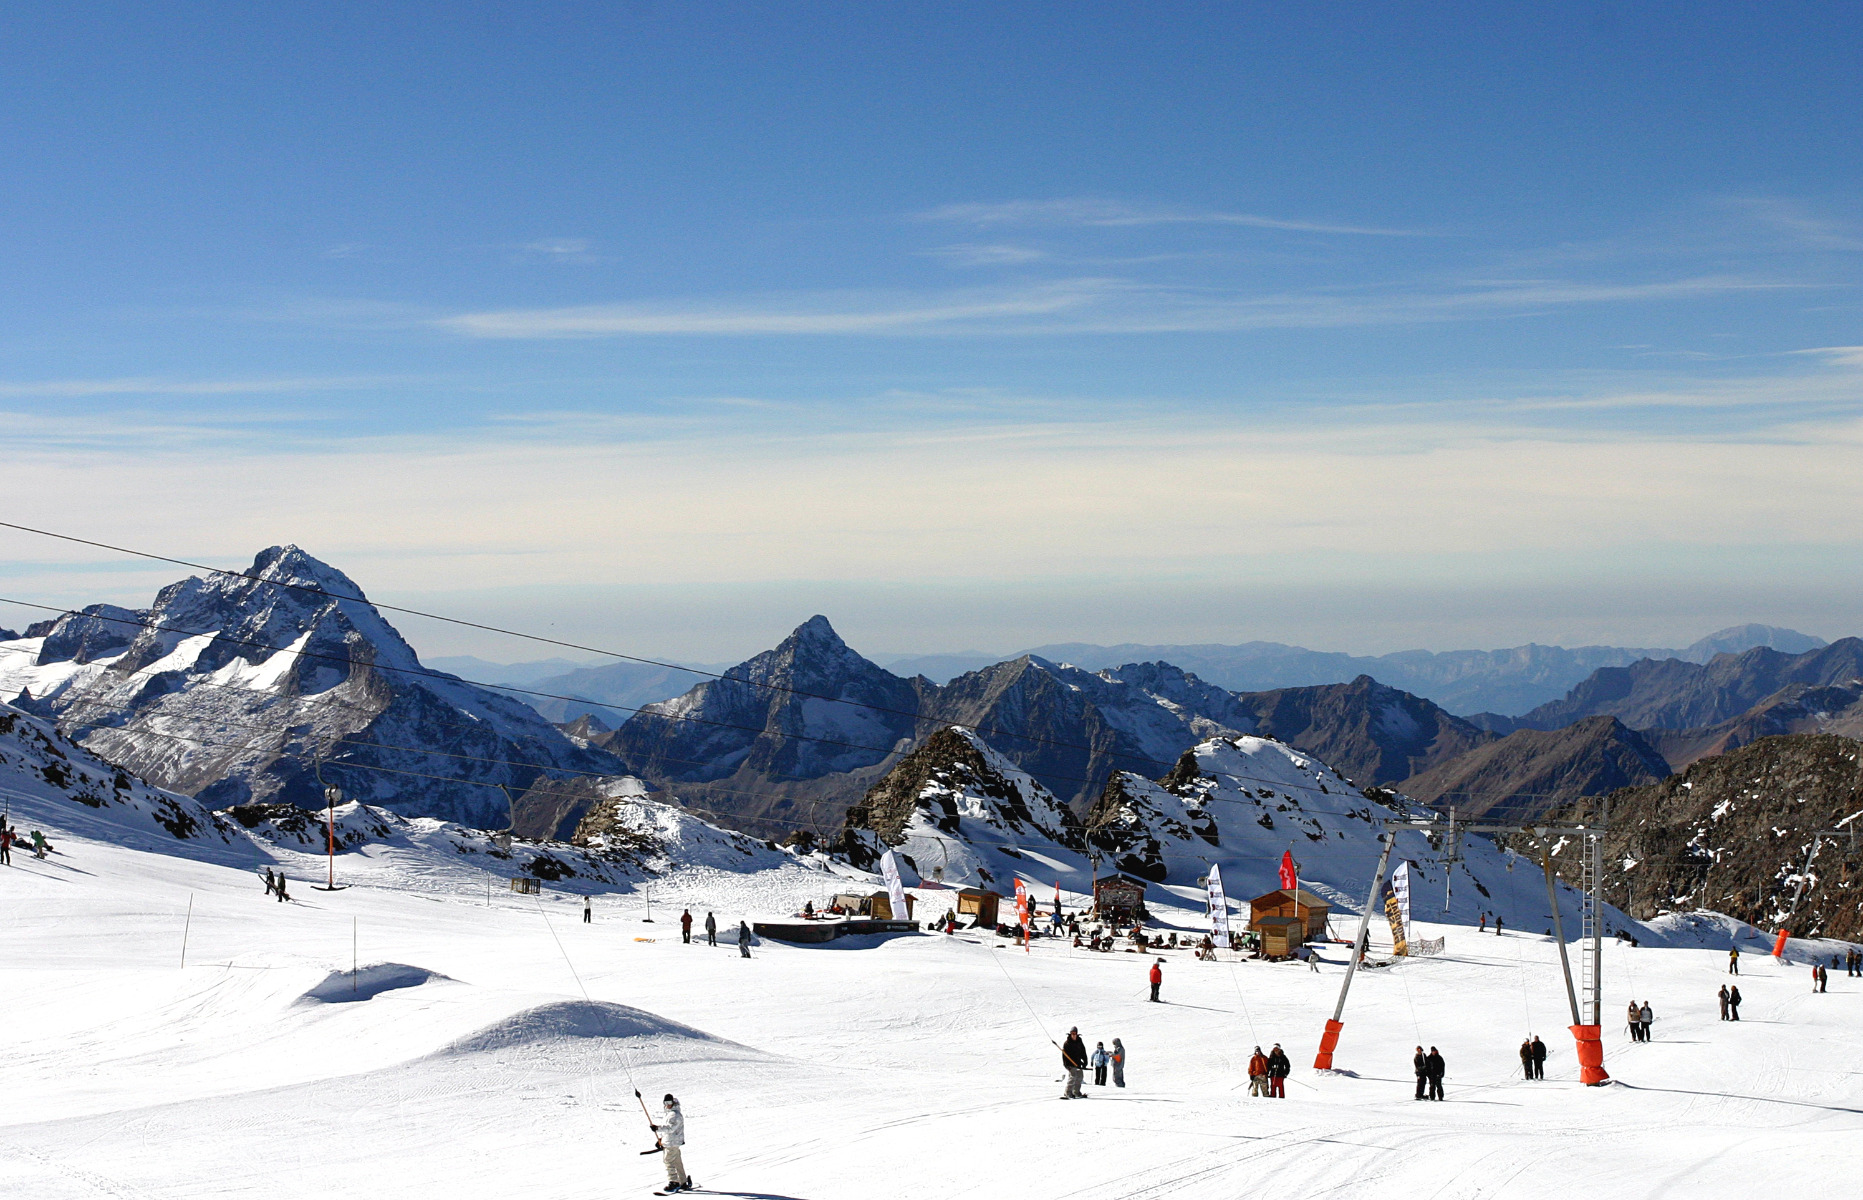 Letné lyžiarske stredisko Les 2 Alpes, Francúzsko